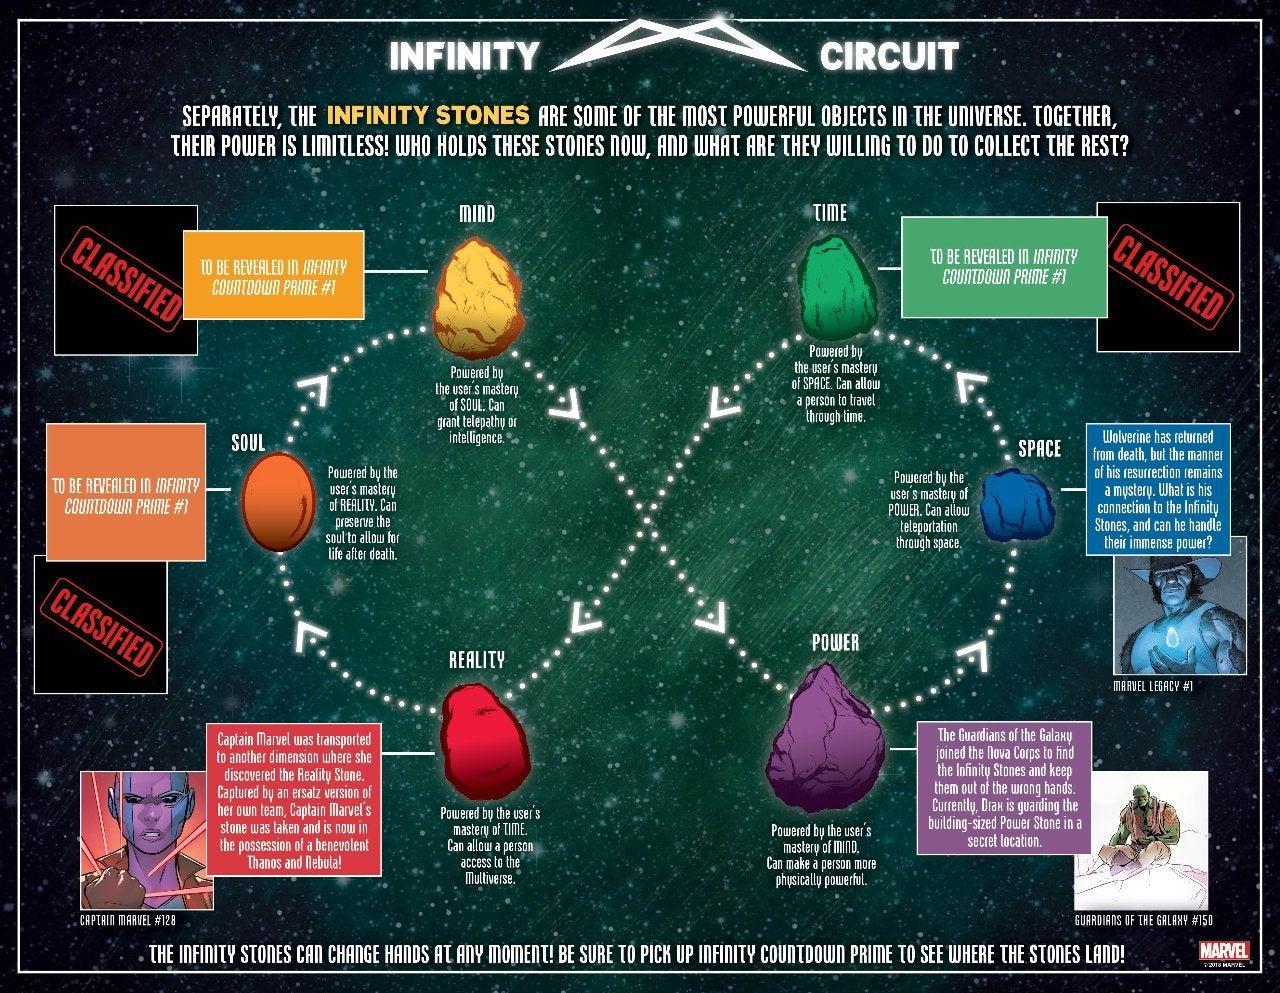 InfinityCircuit